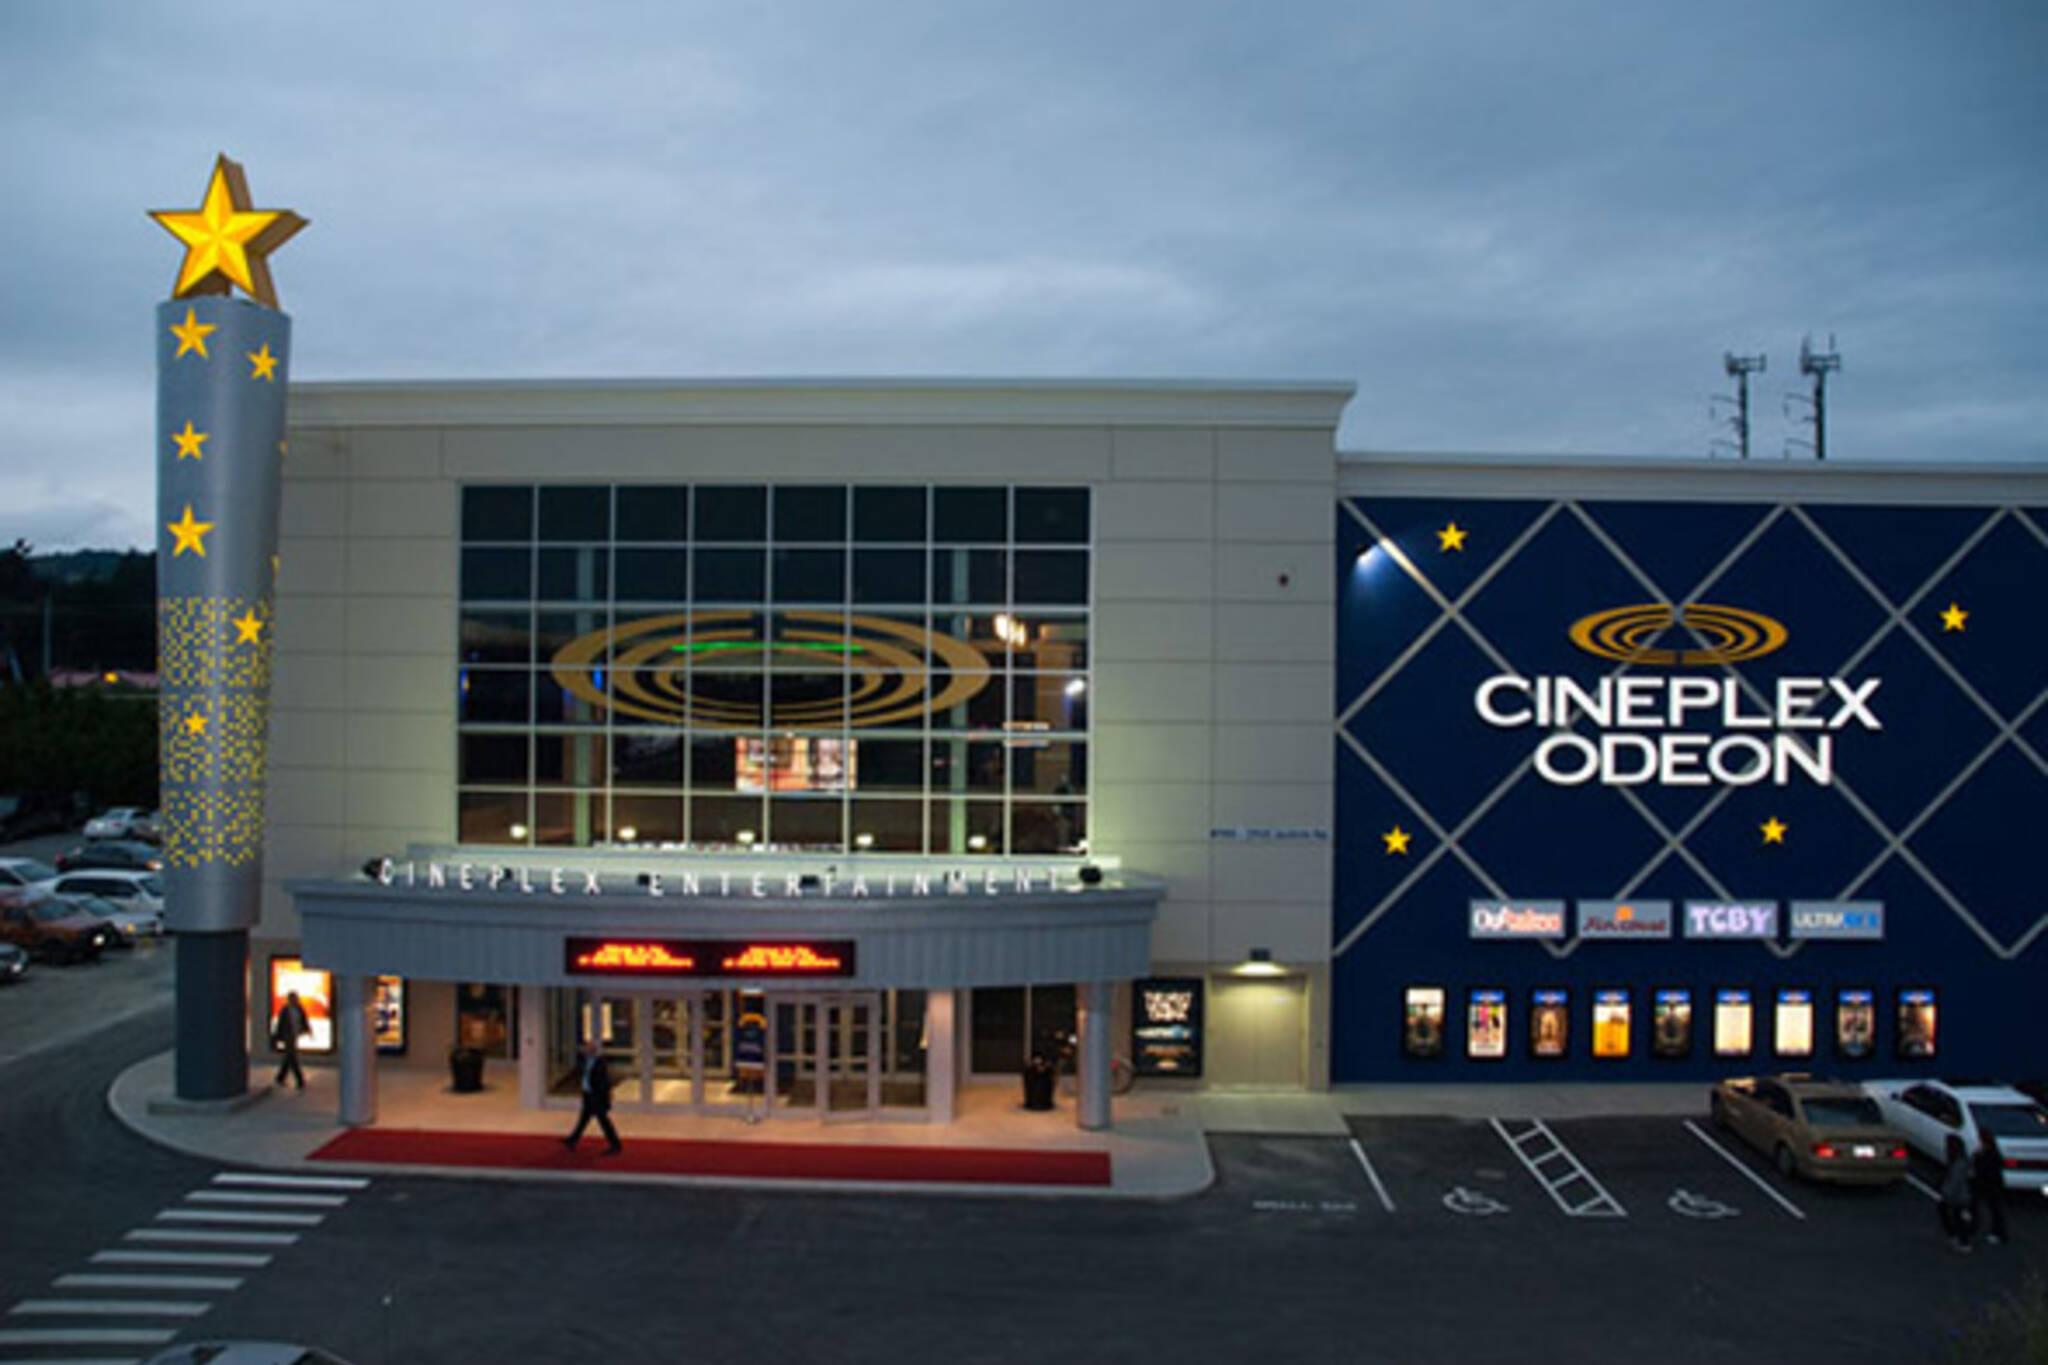 Cineplex Odeon prices